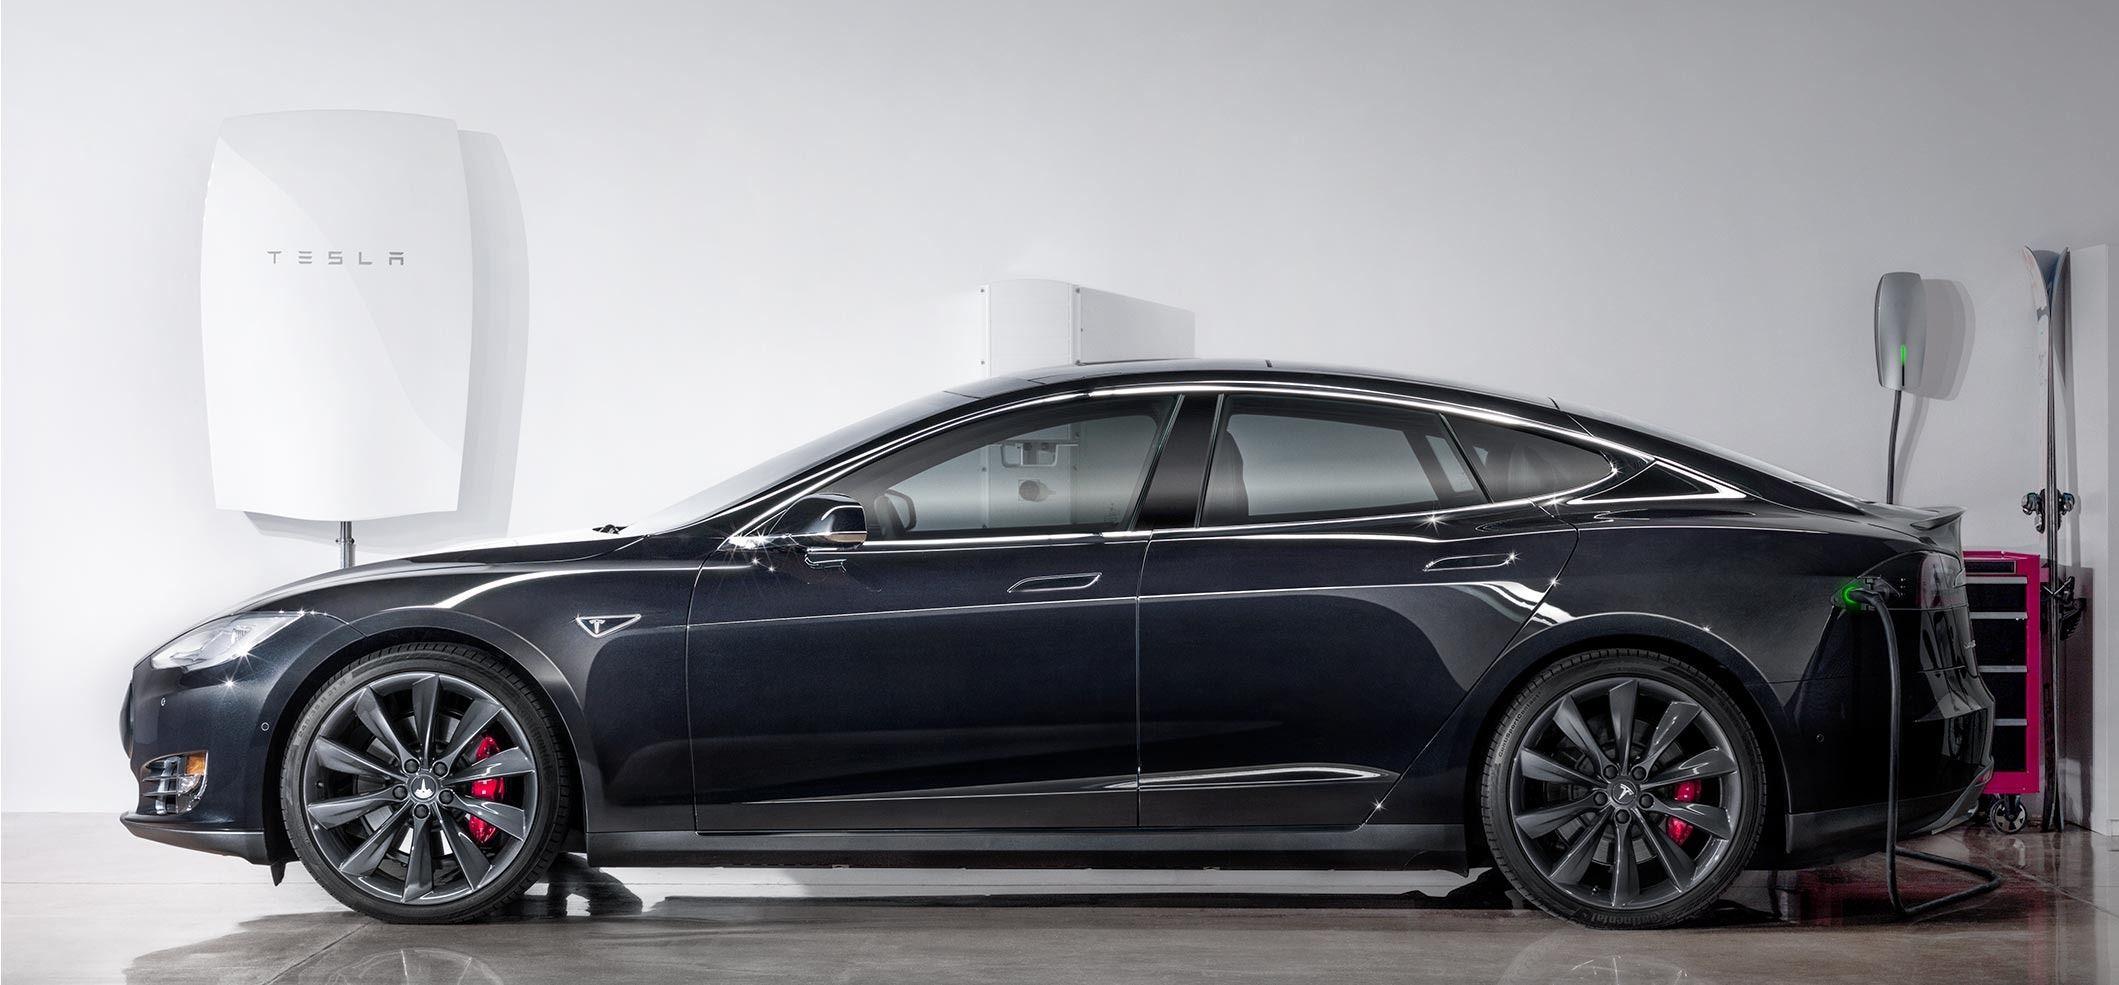 Batteriet kan også brukes til å lade elbiler, som Teslas egne modeller. Foto: Tesla Energy